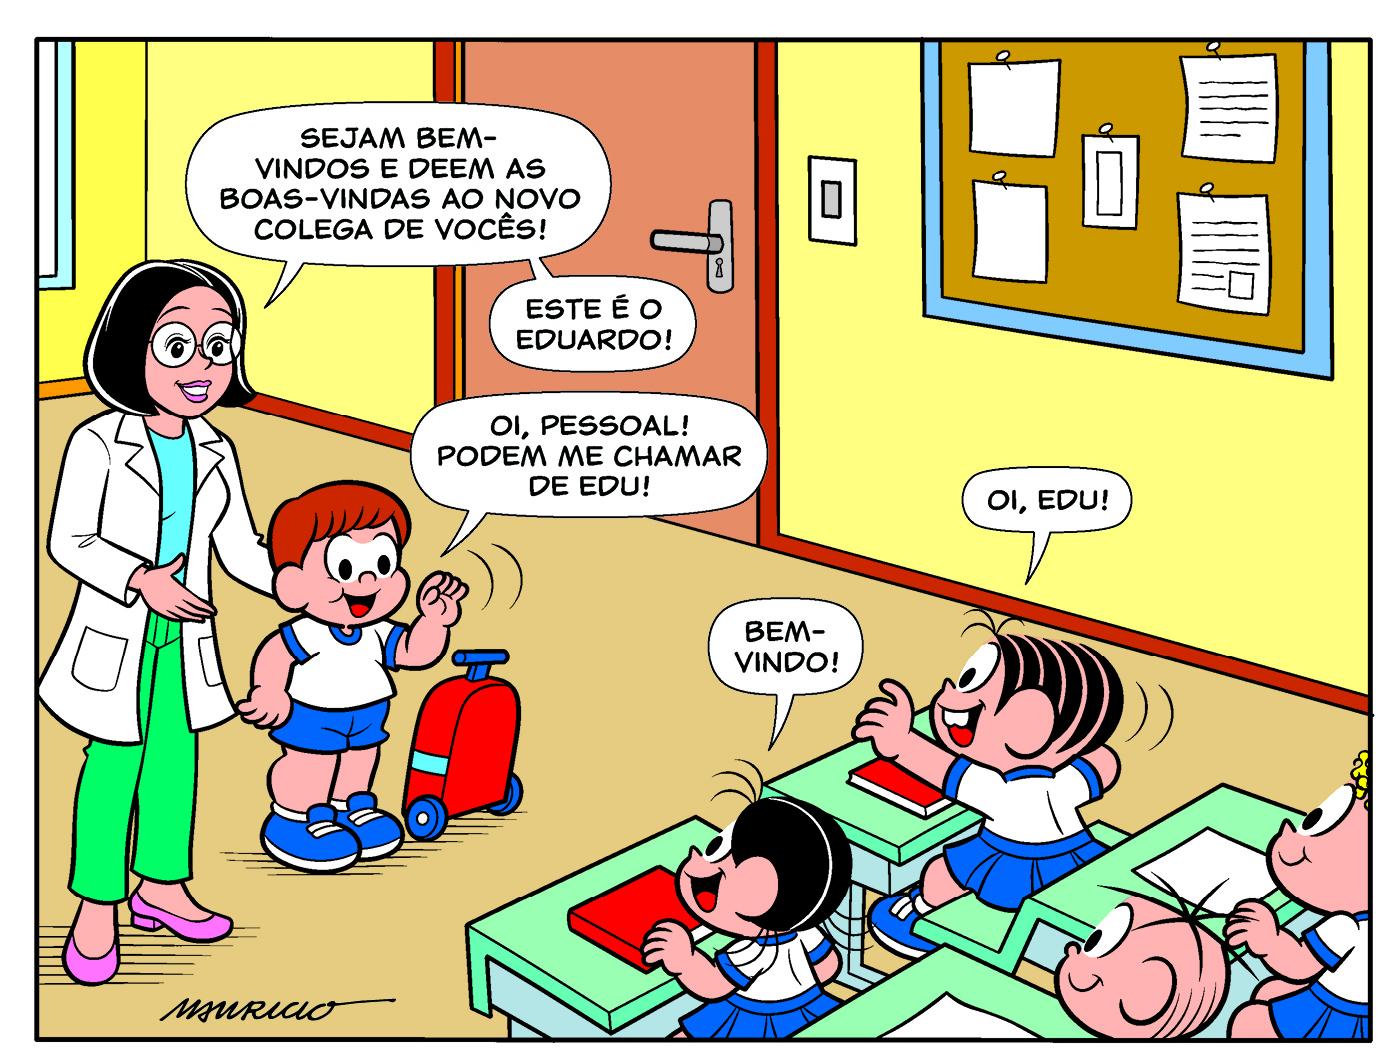 Em parceria com Sarepta, a Mauricio de Sousa Produções apresenta o Edu, um garoto com Distrofia Muscular de Duchenne que encontra a Turma da Mônica em seu primeiro dia de aula